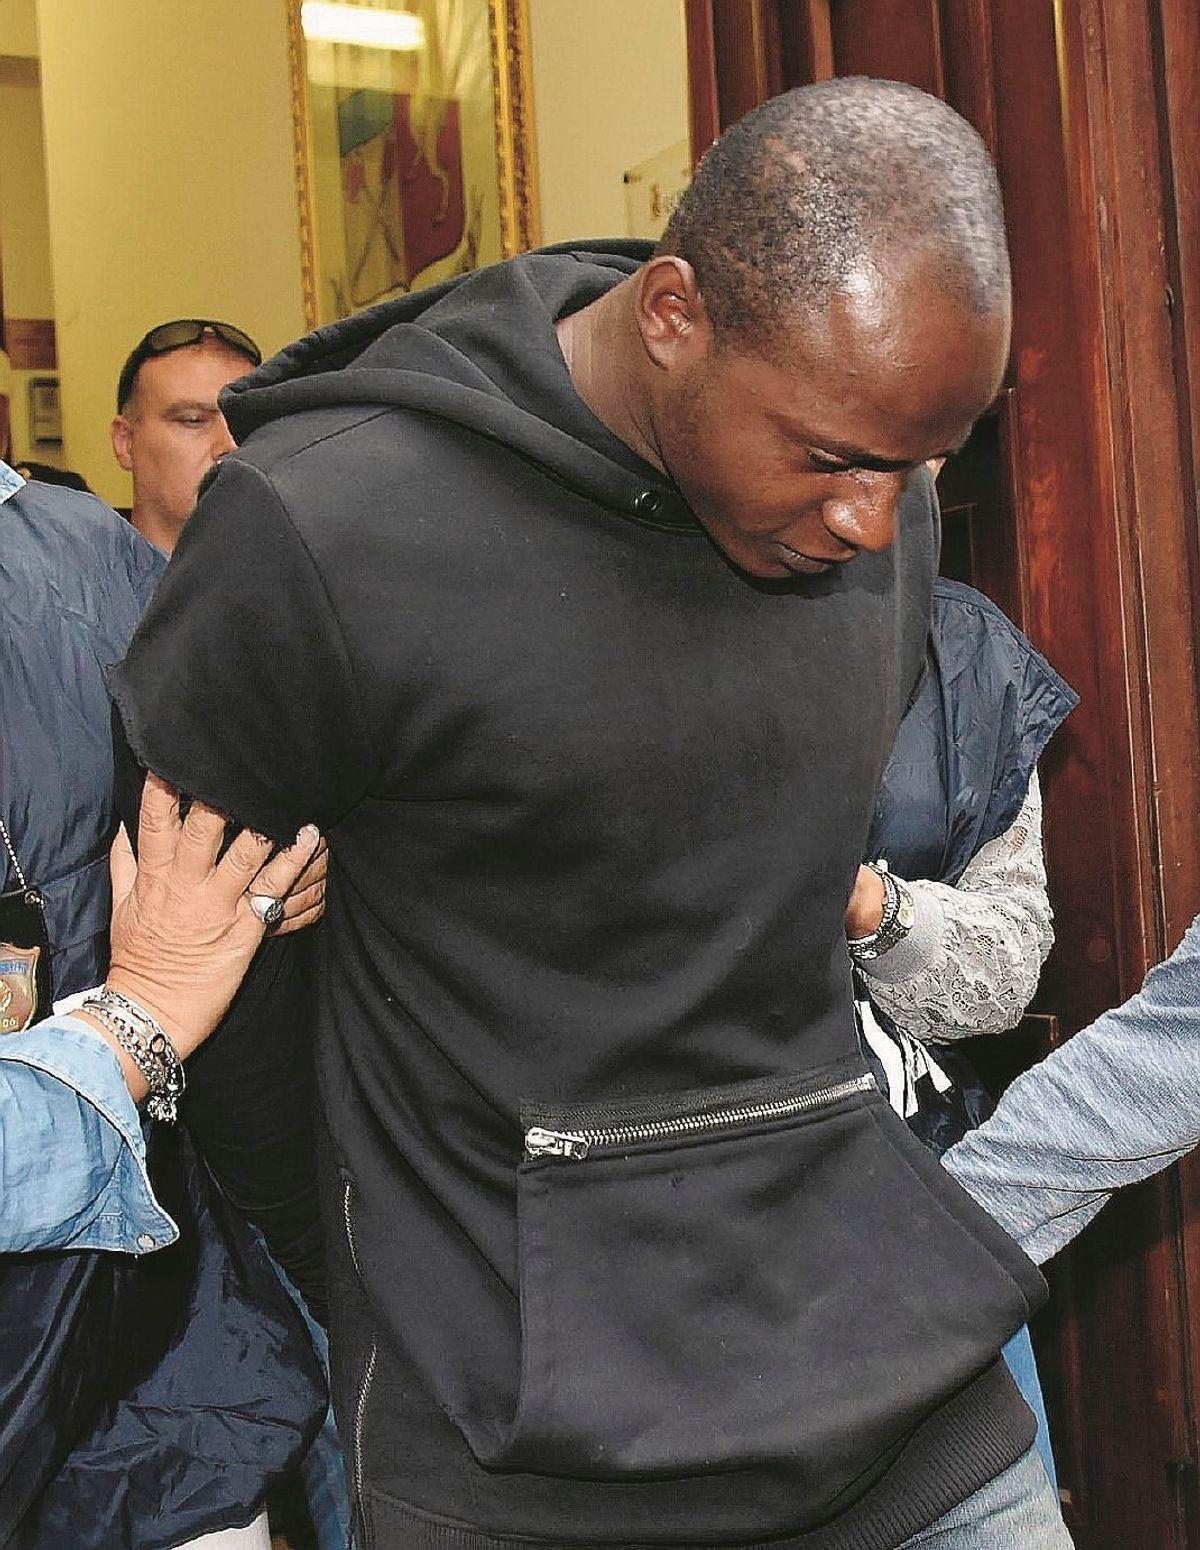 Le gesta criminali del branco di Rimini diventano un docufilm choc